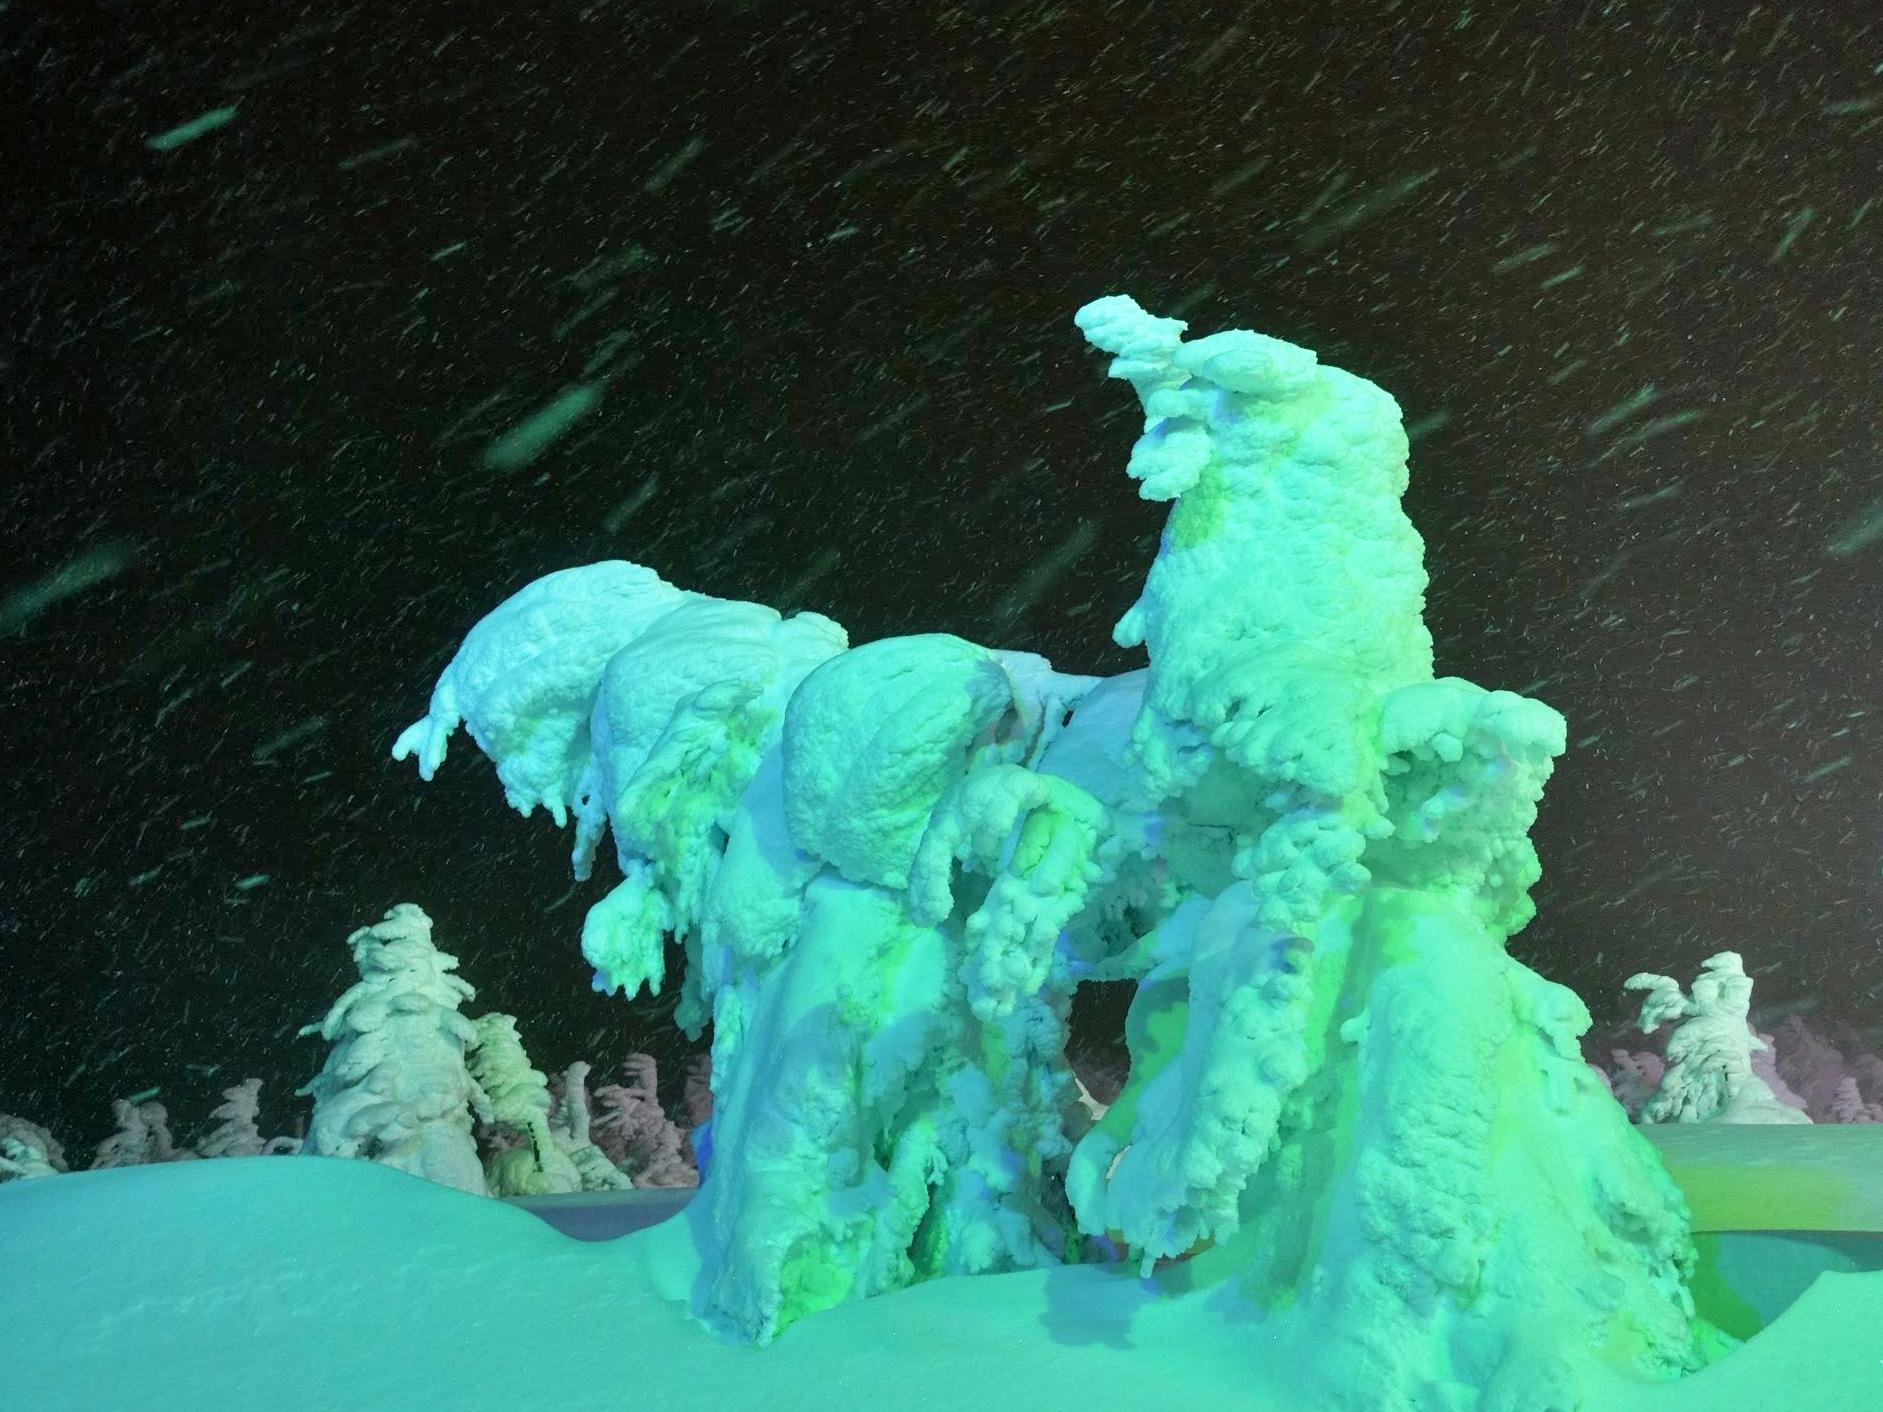 【まとめ】2021年 山形県の週末イベント情報 1月23日(土)・1月24日(日)